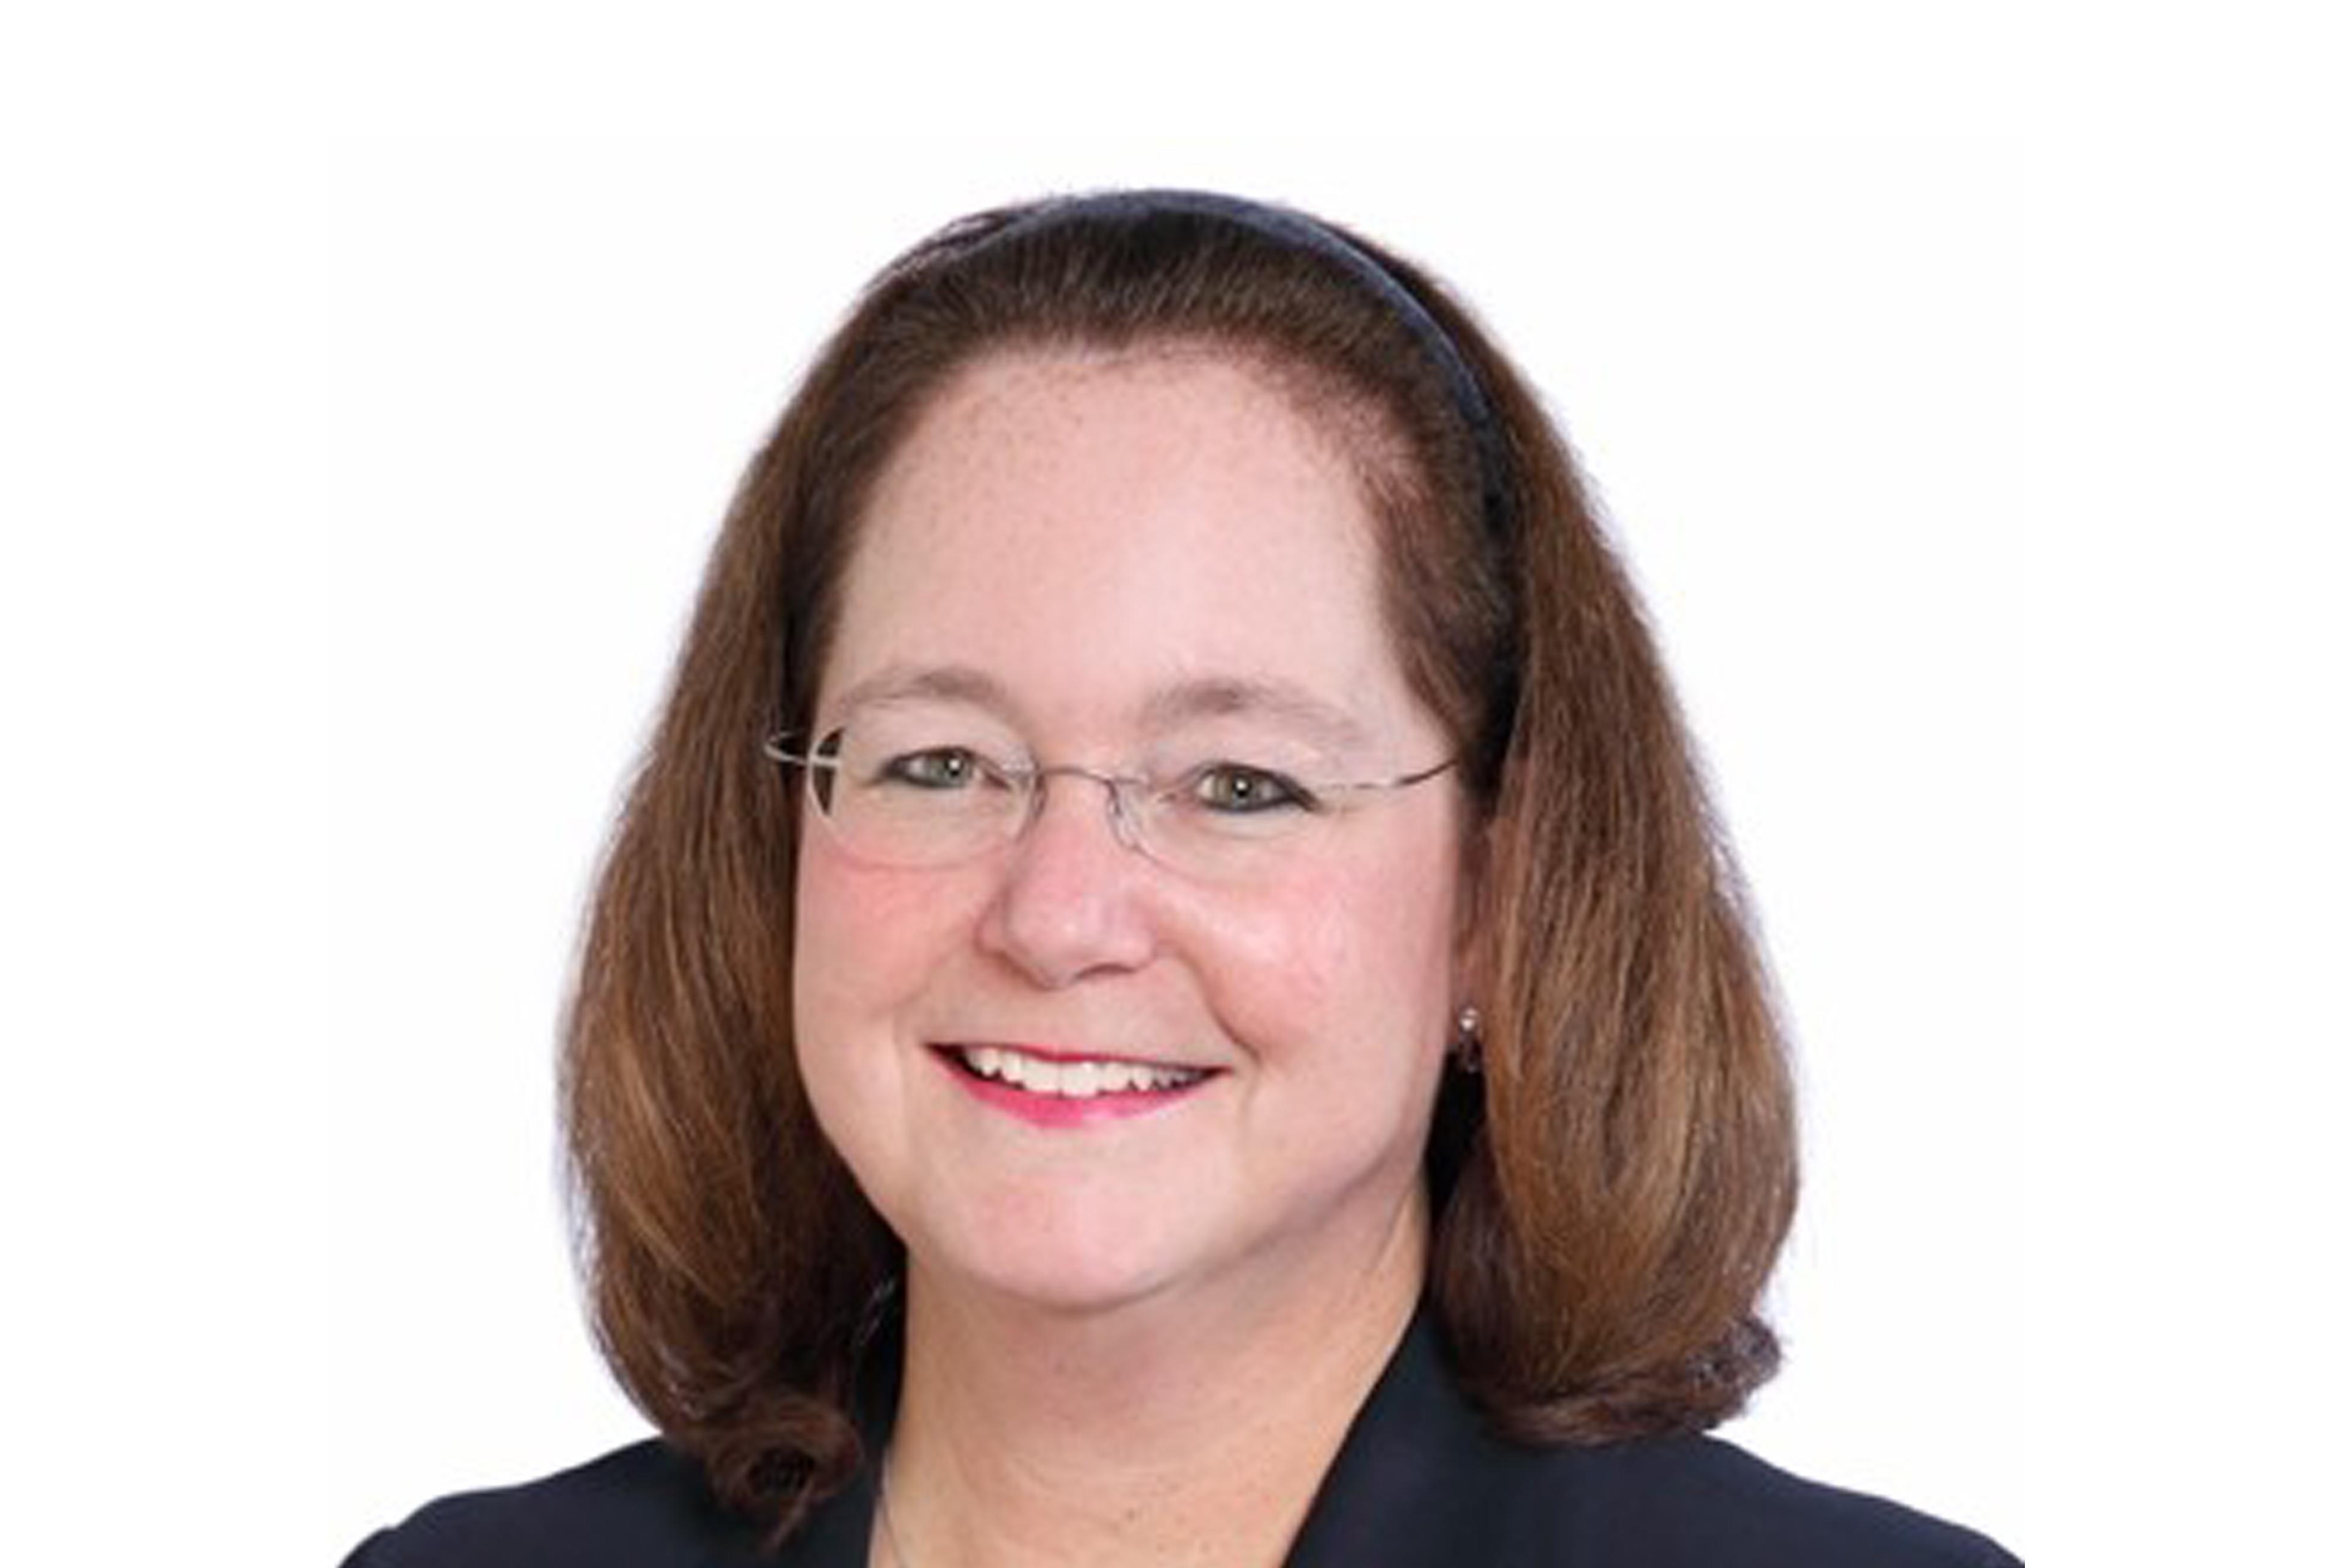 Gail McGiffin